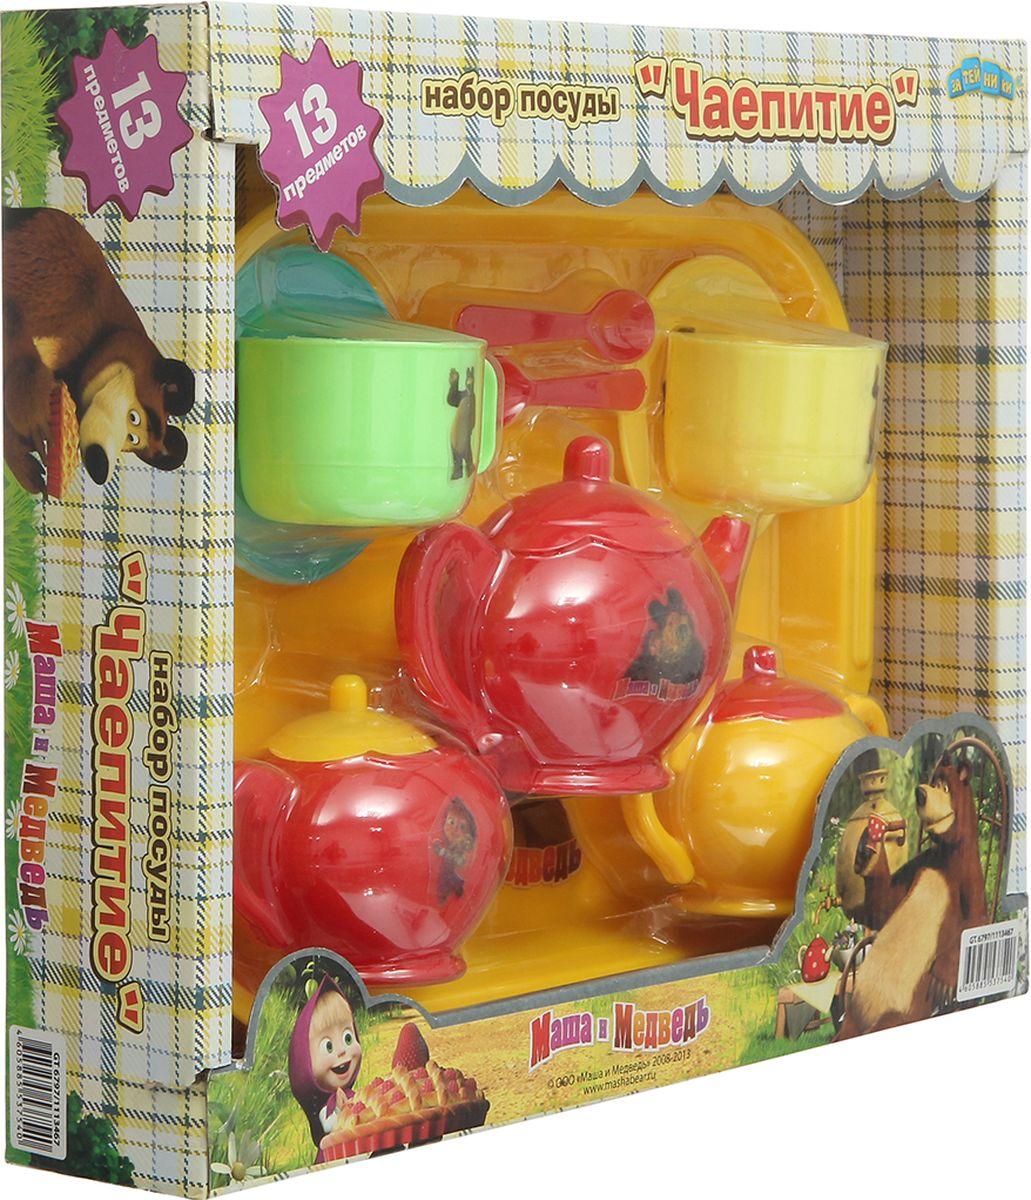 Маша и Медведь Игровой набор посуды Чайный сервиз 13 предметов alex игровой набор посуды чайный сервиз весна 16 предметов